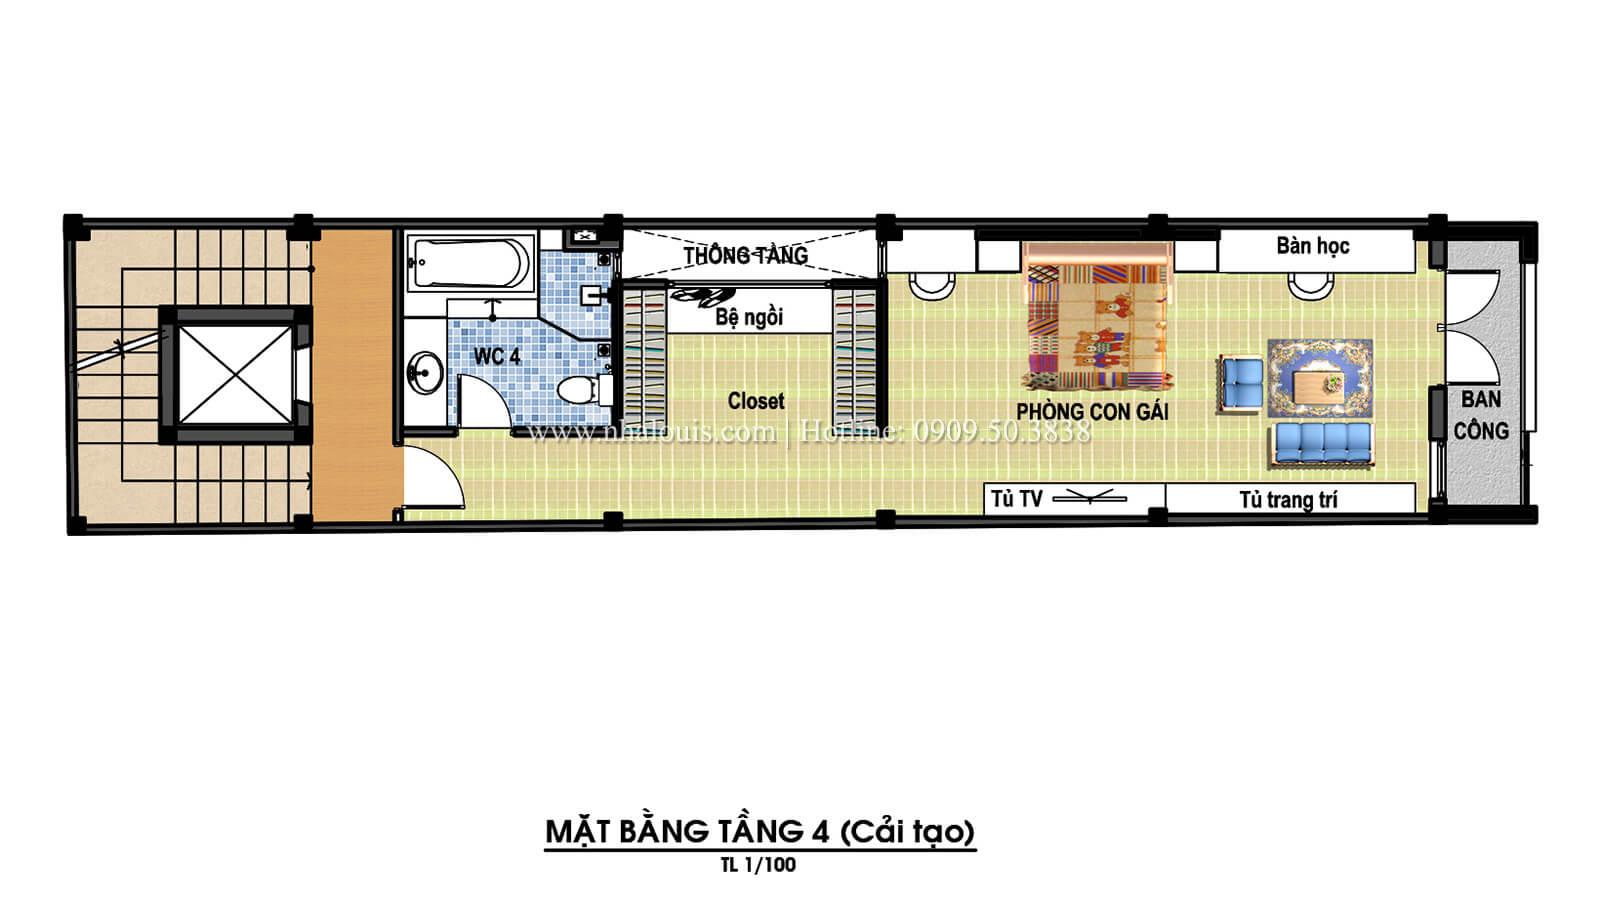 Mặt bằng tầng 4 Thiết kế cải tạo nhà 6 tầng đẹp không ngờ tại Quận 6 - 08